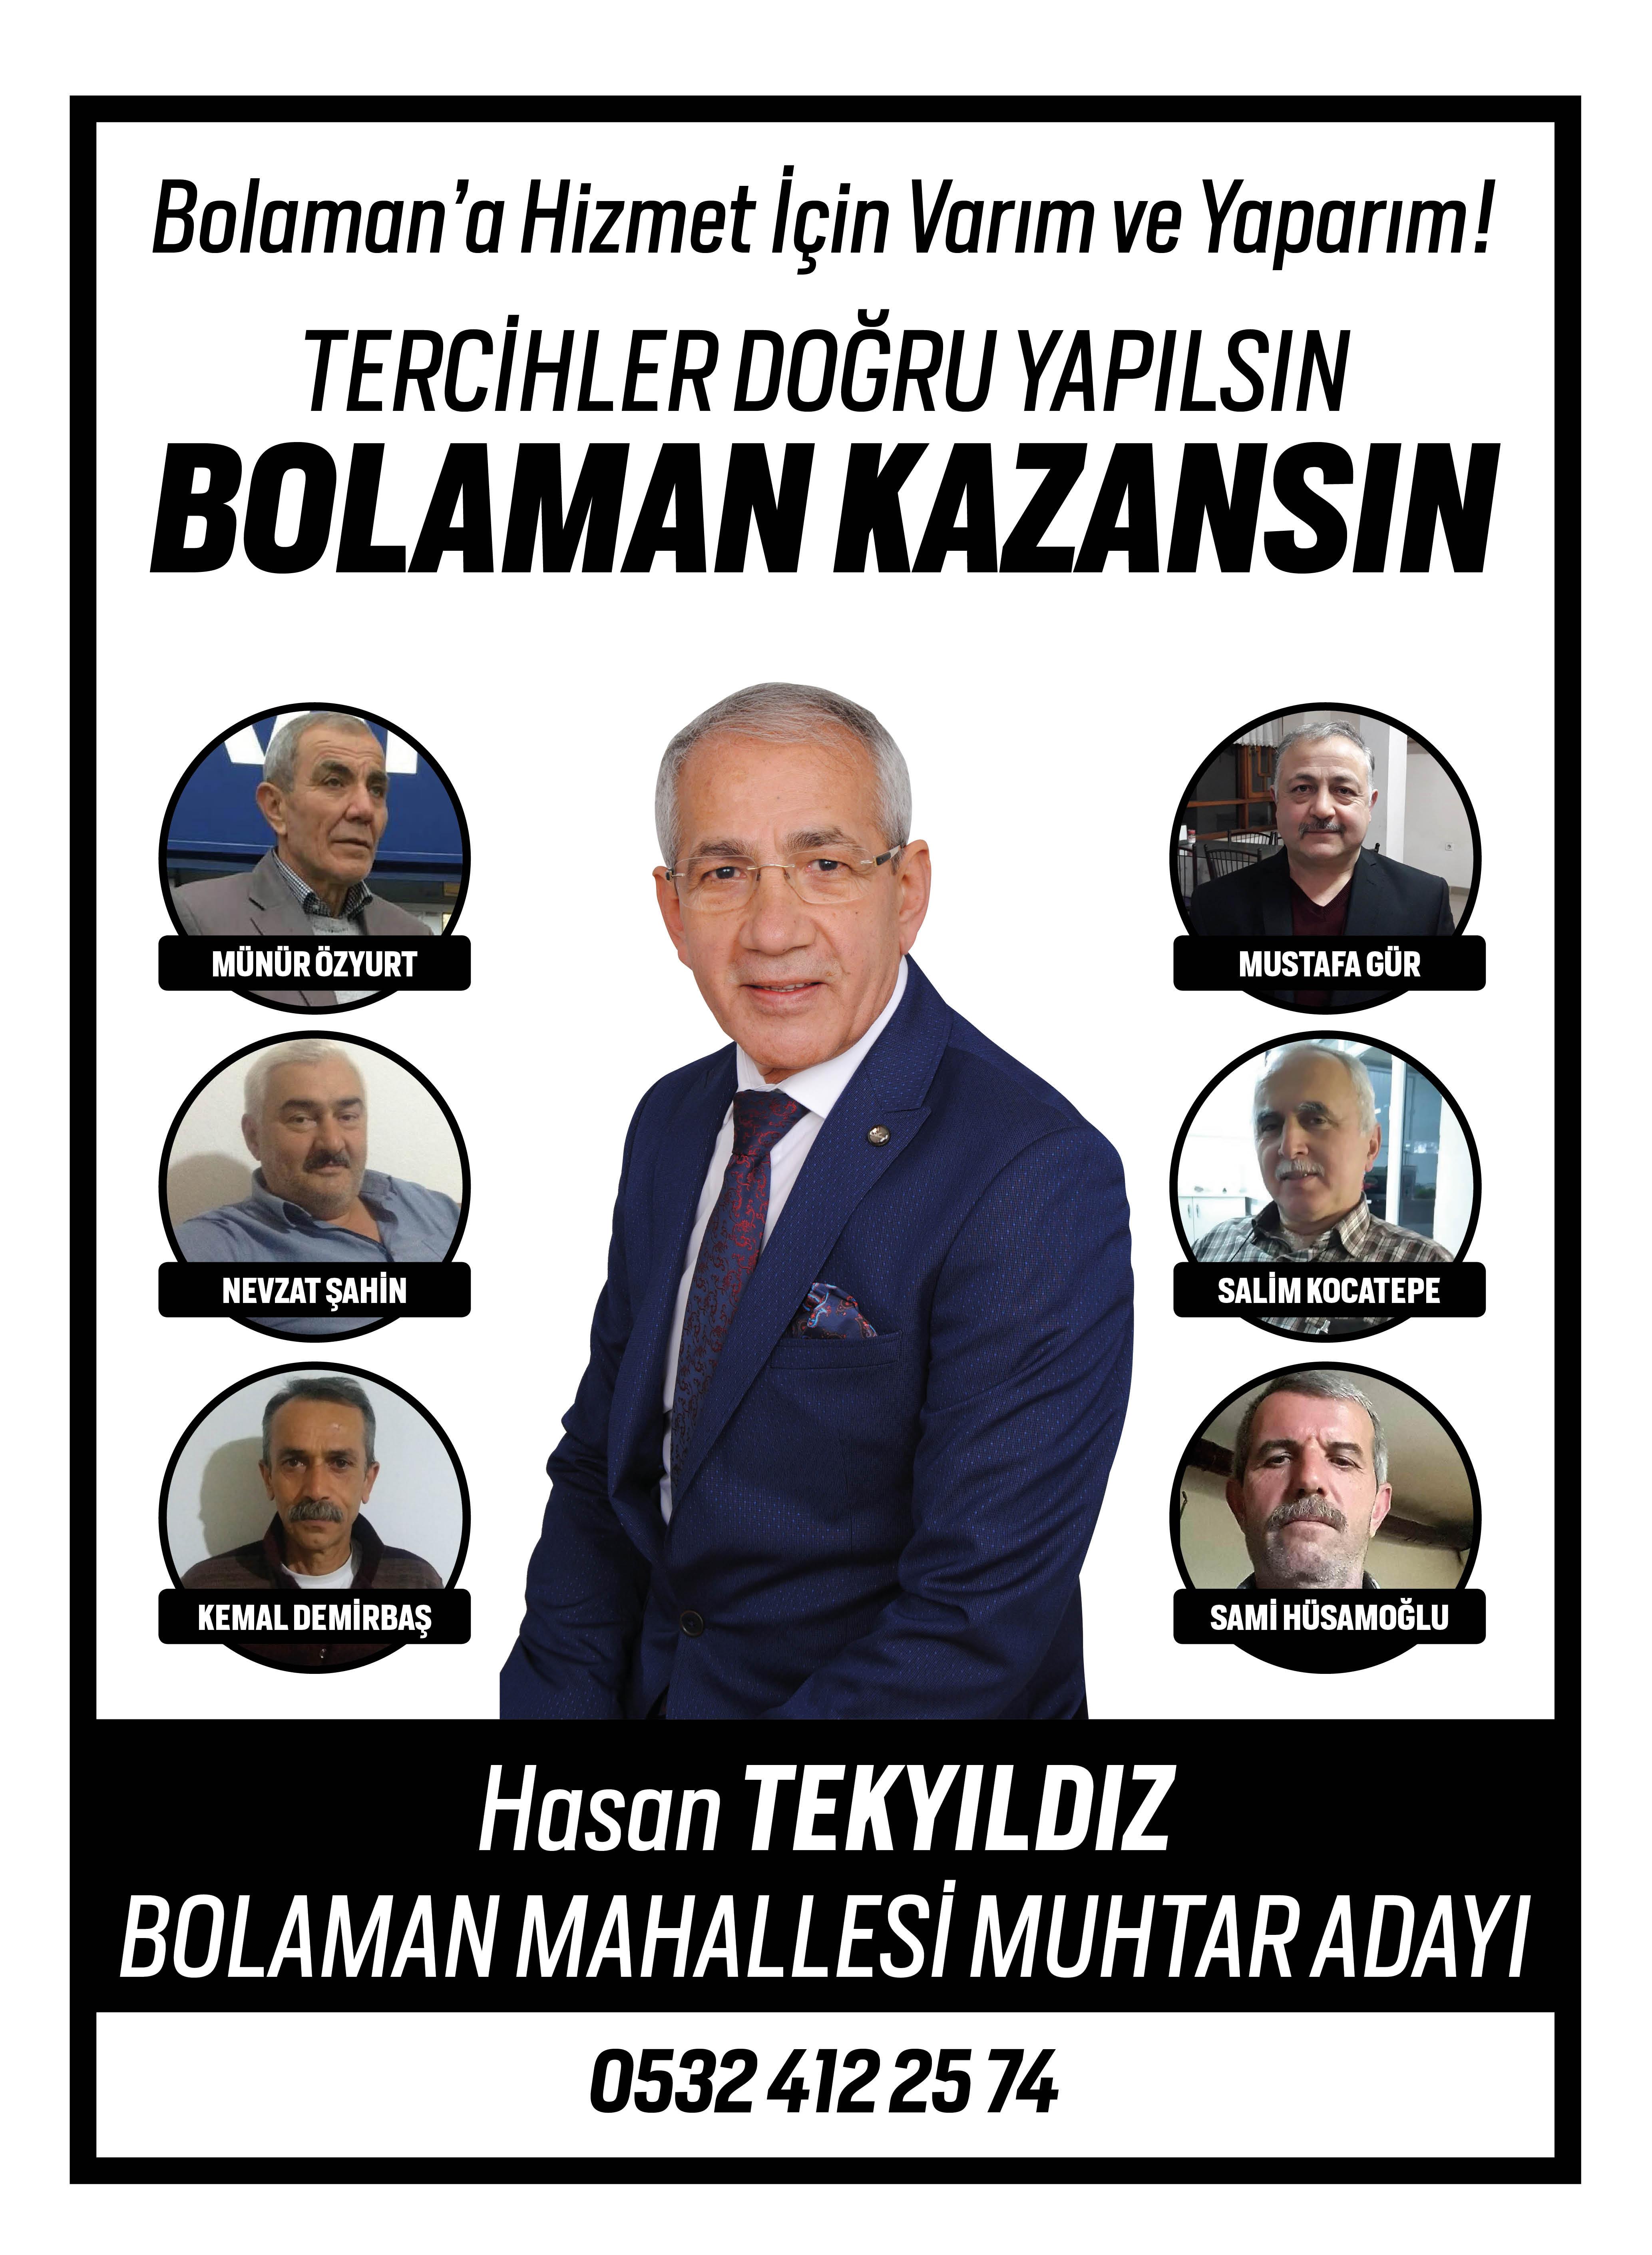 HASAN TEKYILDIZ